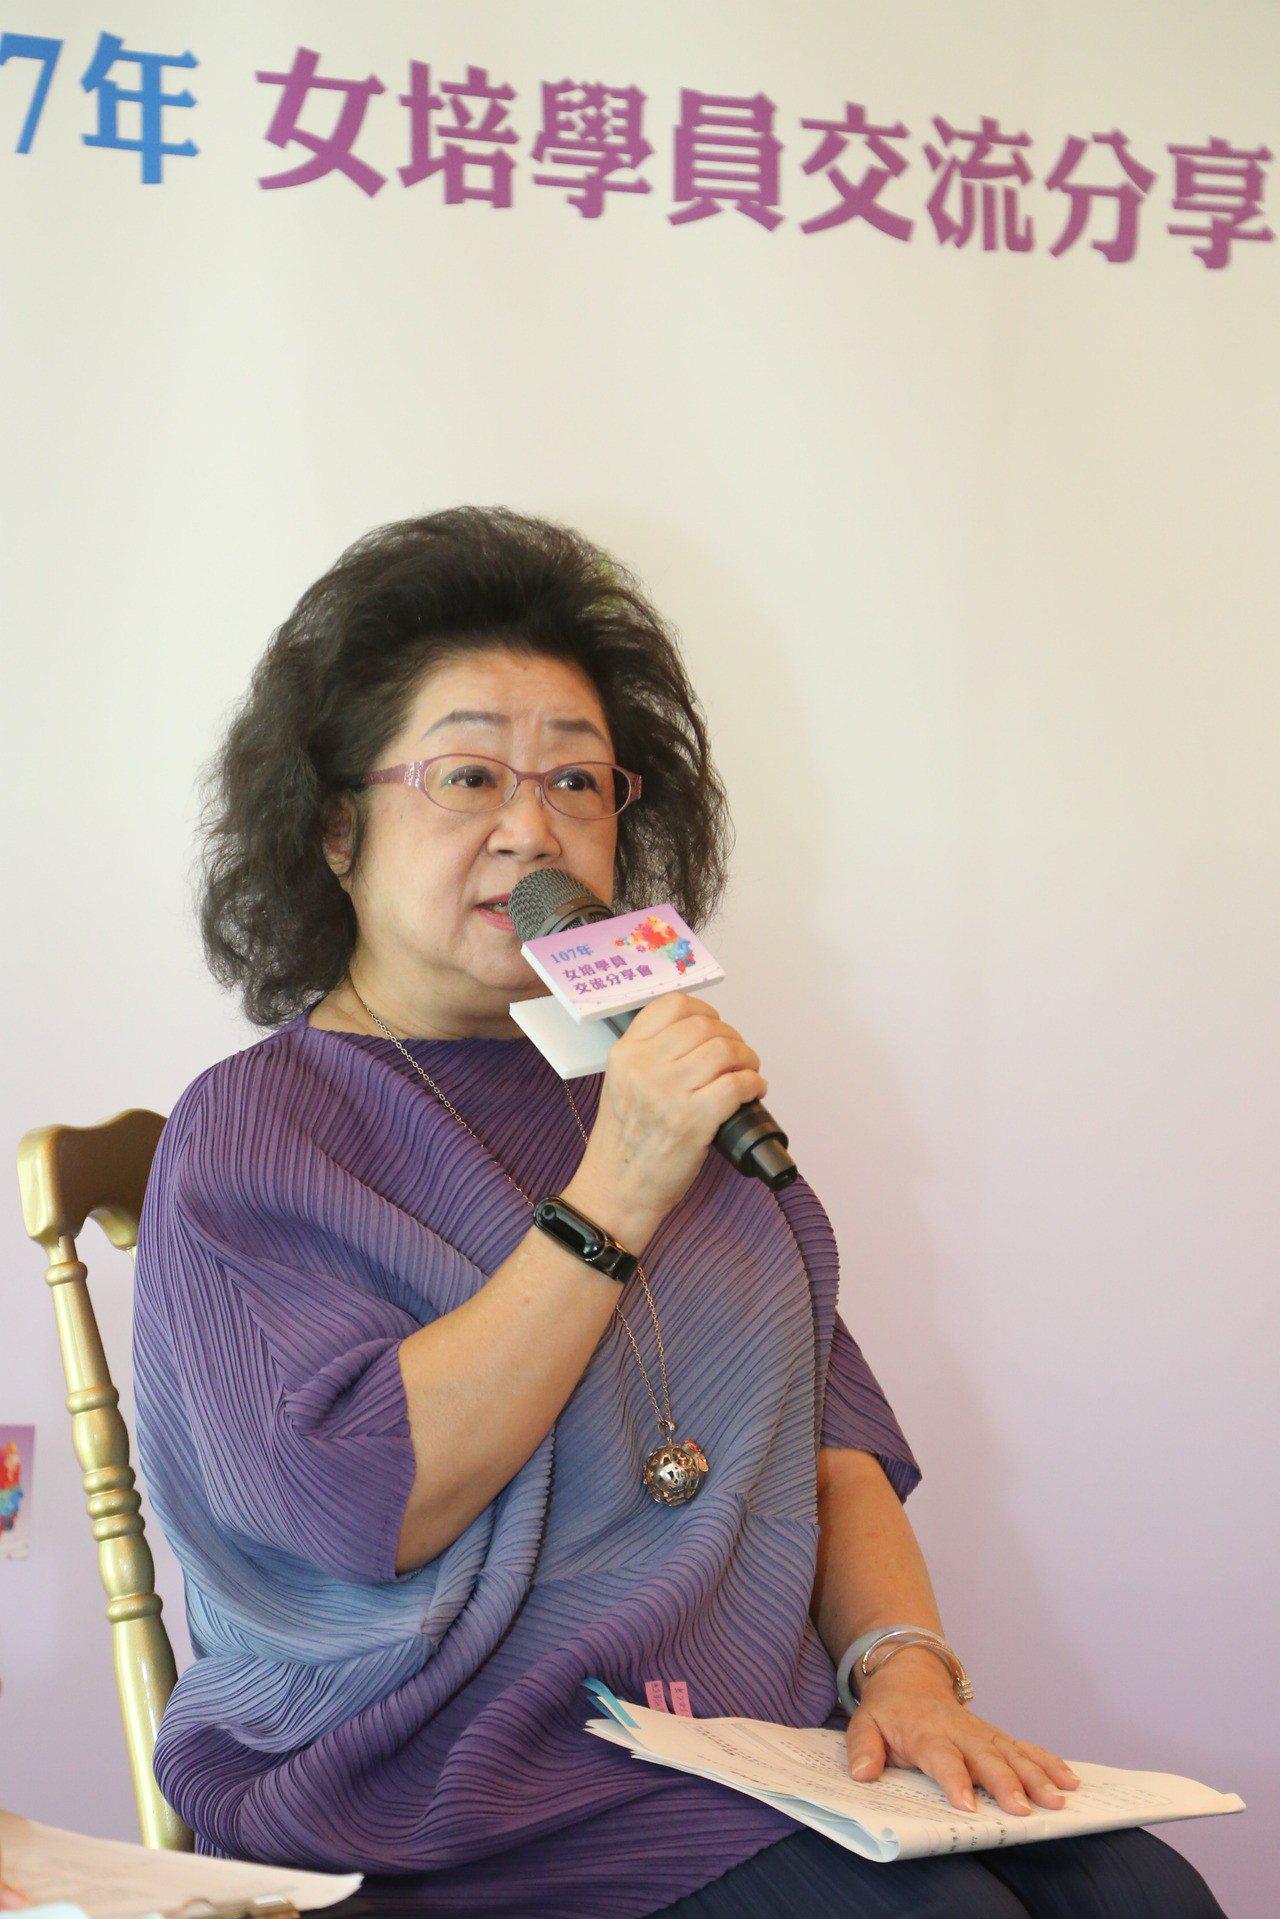 教育部次長范巽綠今天出席「大專女學生領導力培訓營」。圖/教育部提供